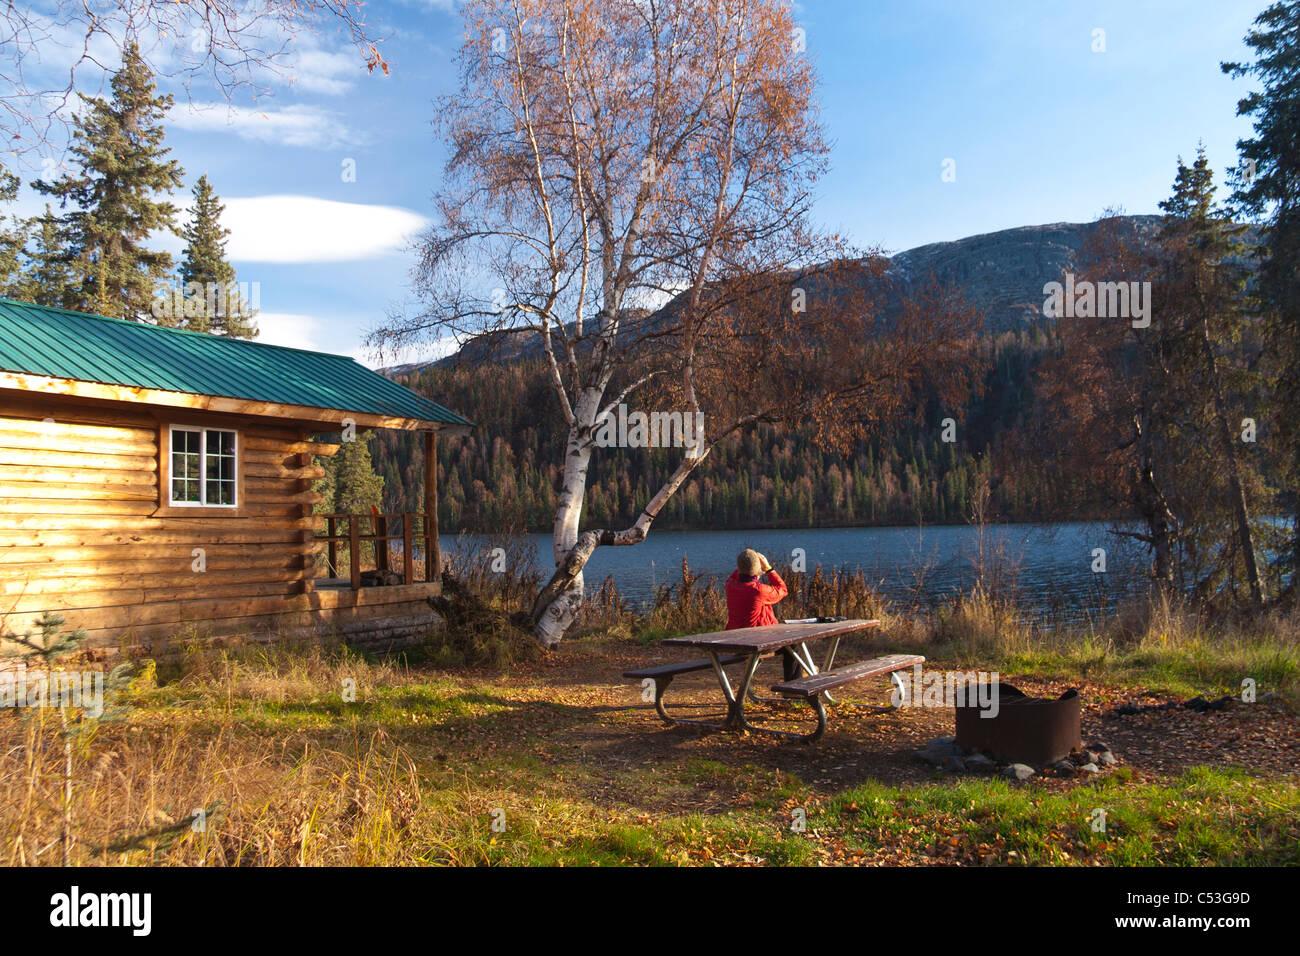 Frau genießt Blick auf Blick durch ein Fernglas bei einem Picknick Tisch, Byers See öffentliche Nutzung Stockbild